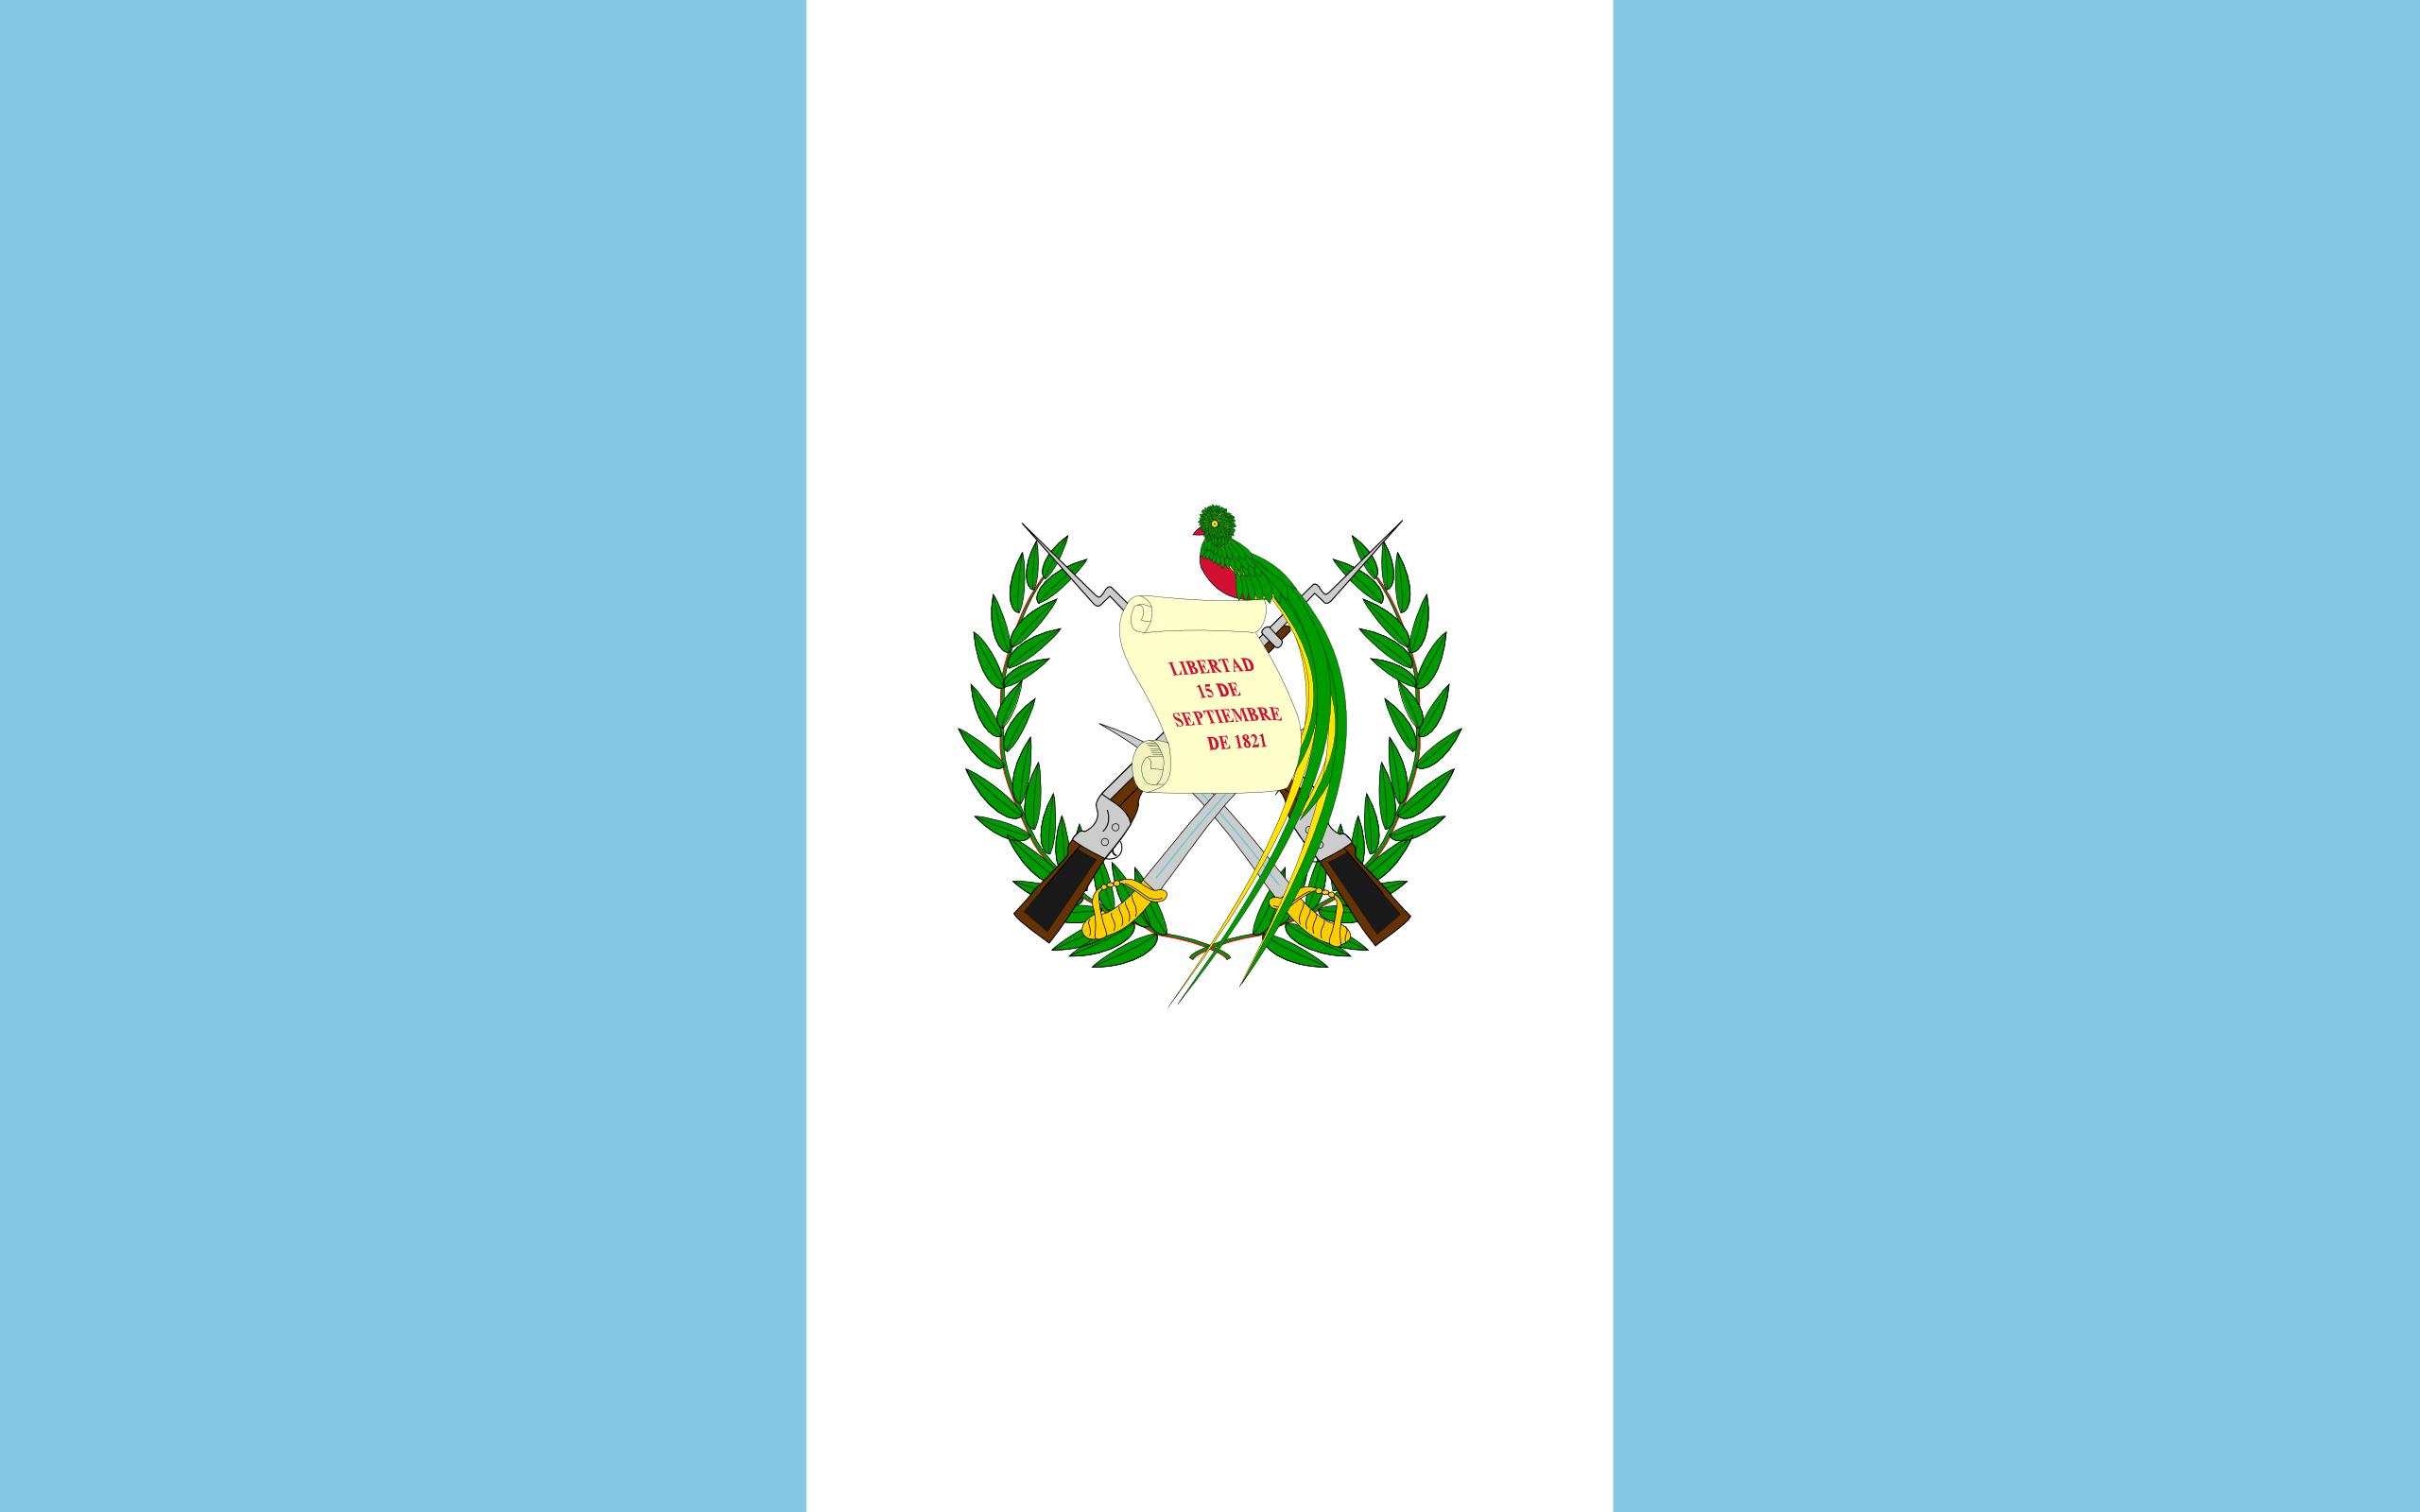 guatemala, país, emblema, insignia, símbolo - Fondos de Pantalla HD - professor-falken.com